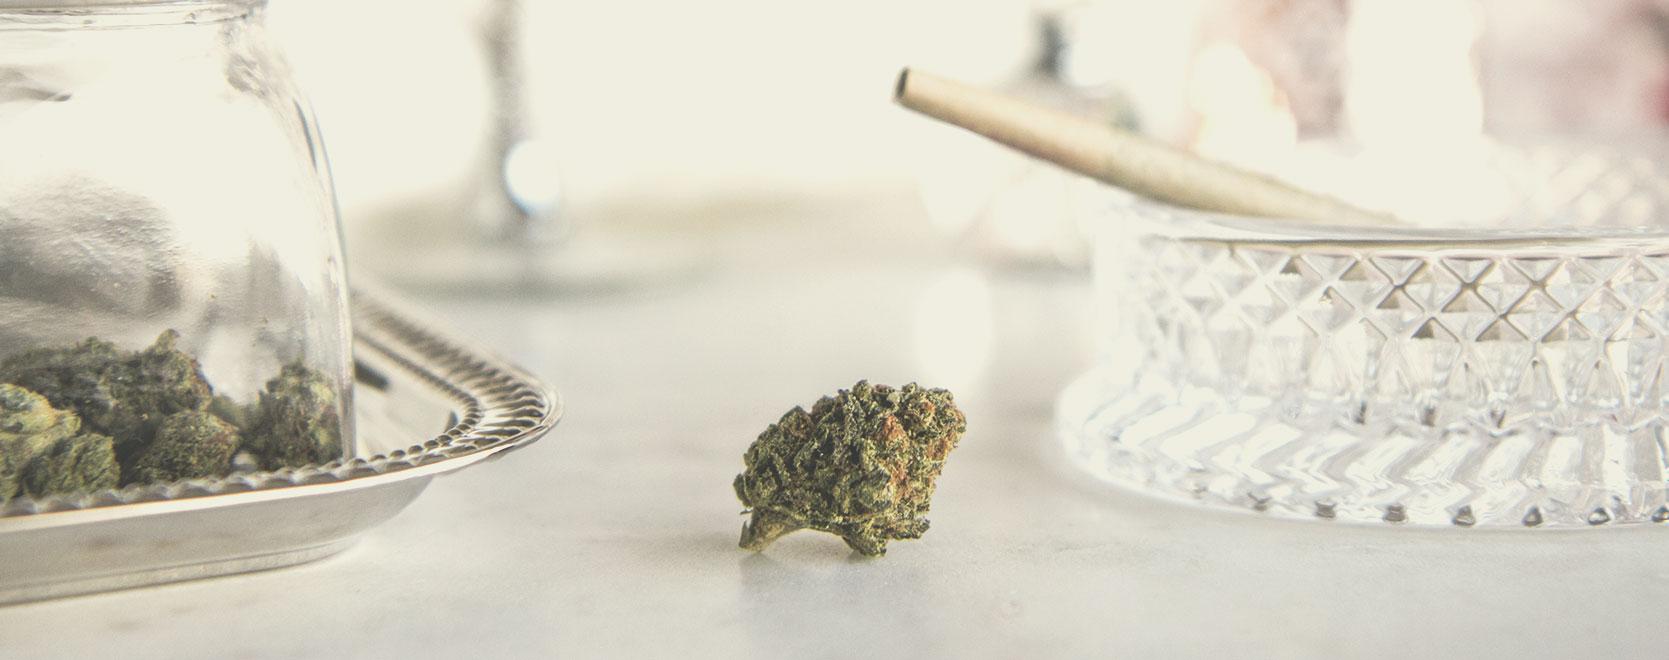 Come usare la cannabis in modo responsabile